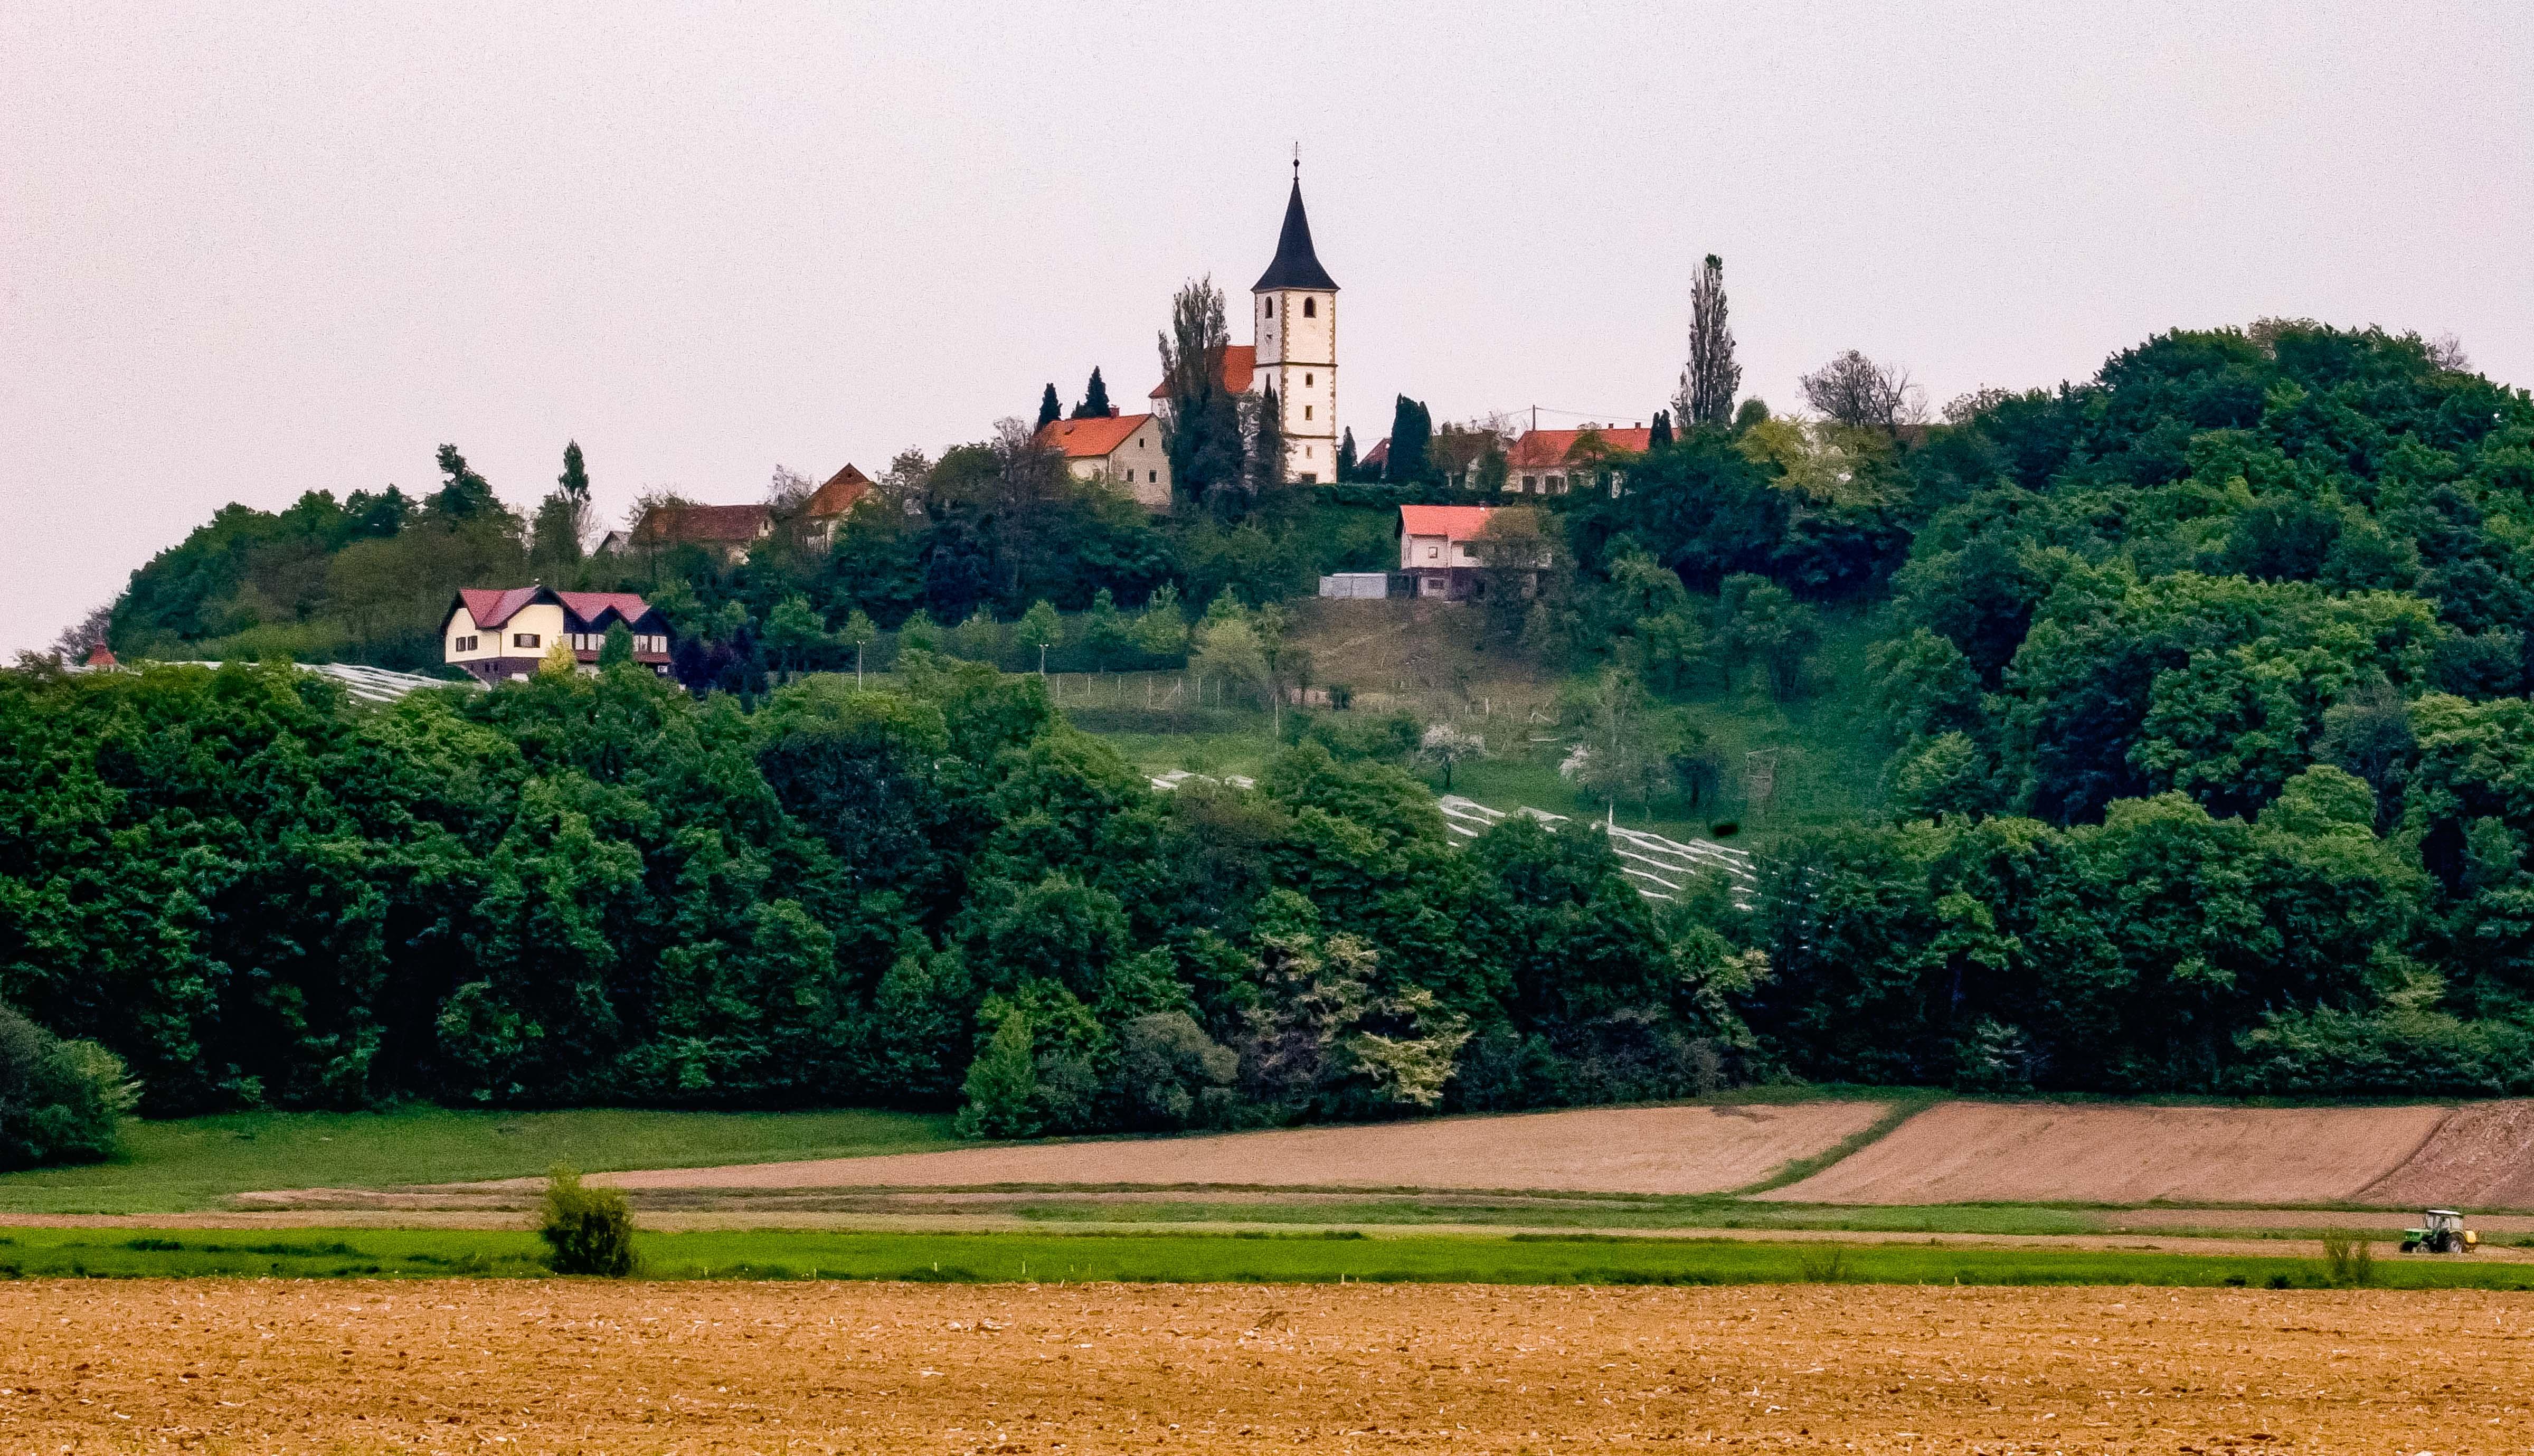 Slovenia, Sveti Andraz v Slovenskih Goricah Prov, Village, 2006, IMG 4945